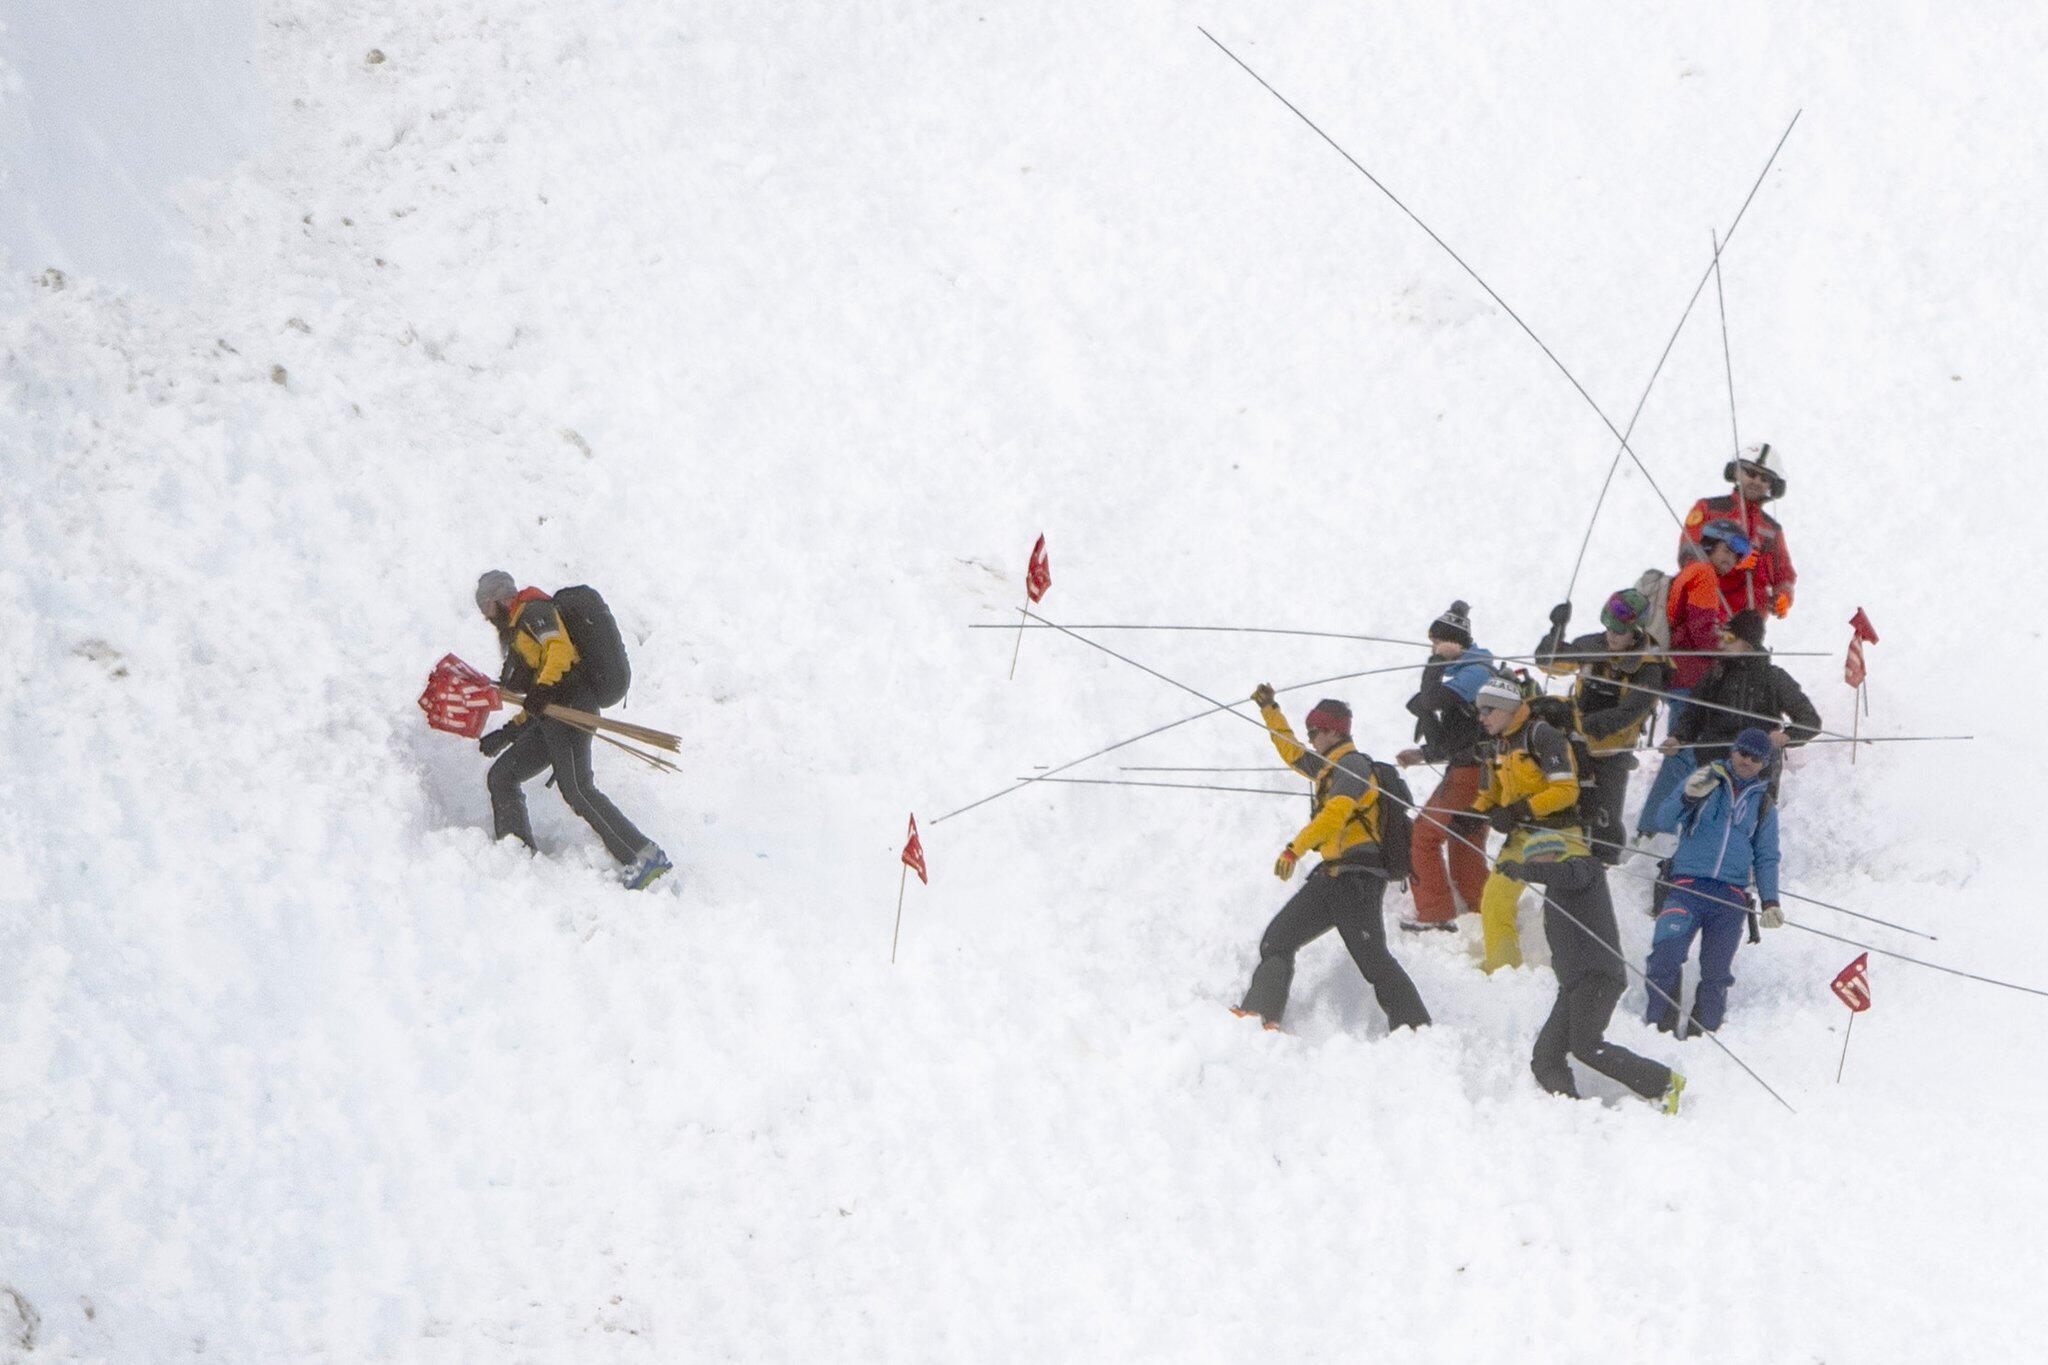 Bild zu Lawine auf Skipiste in der Schweiz